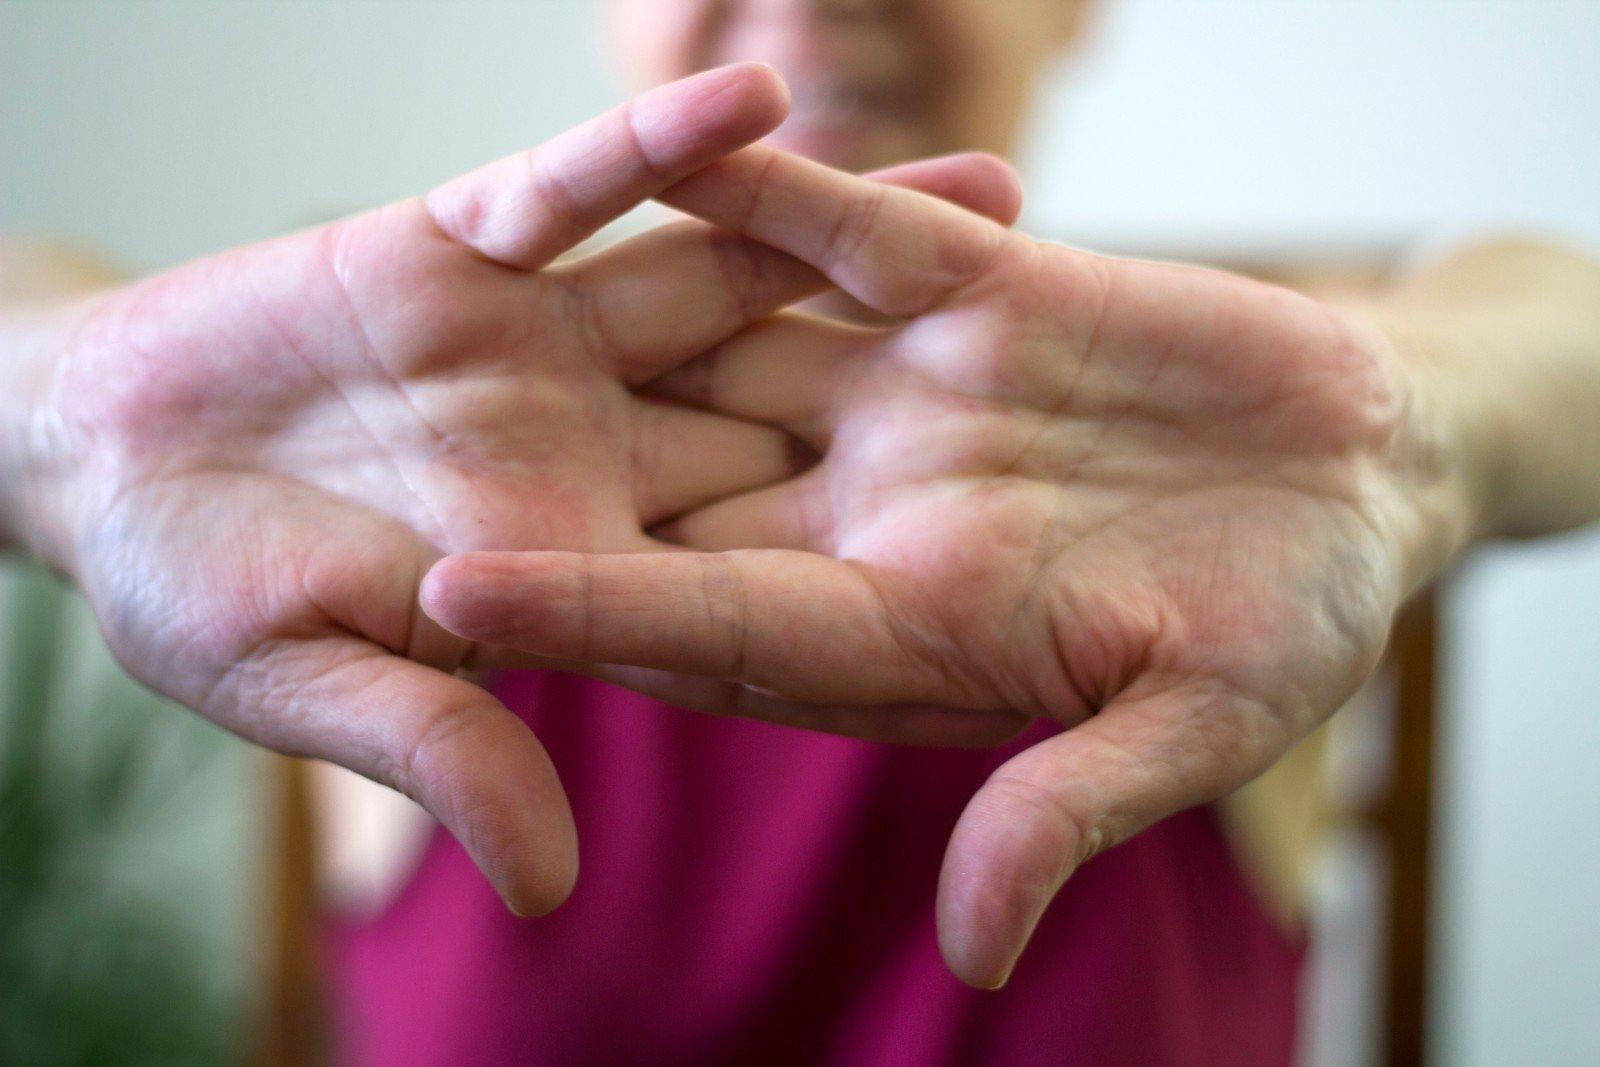 skaudančių kaulų ir sąnarių kad geriamojo požymiai artrito ir artrozės